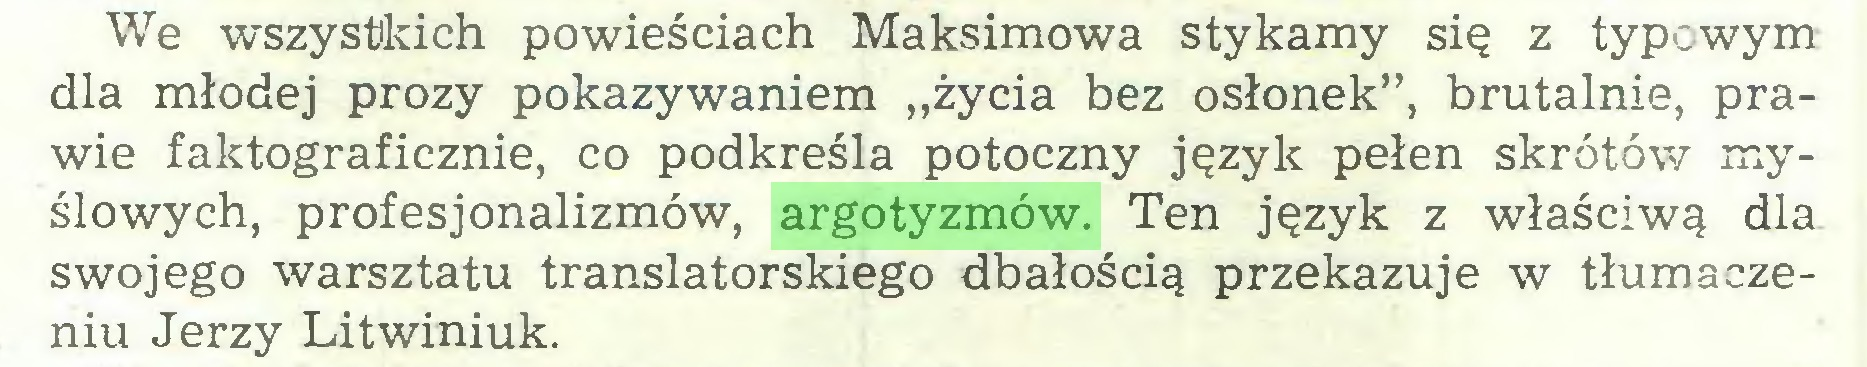 """(...) We wszystkich powieściach Maksimowa stykamy się z typowym dla młodej prozy pokazywaniem """"życia bez osłonek"""", brutalnie, prawie faktograficznie, co podkreśla potoczny język pełen skrótów myślowych, profesjonalizmów, argotyzmów. Ten język z właściwą dla swojego warsztatu translatorskiego dbałością przekazuje w tłumaczeniu Jerzy Litwiniuk..."""